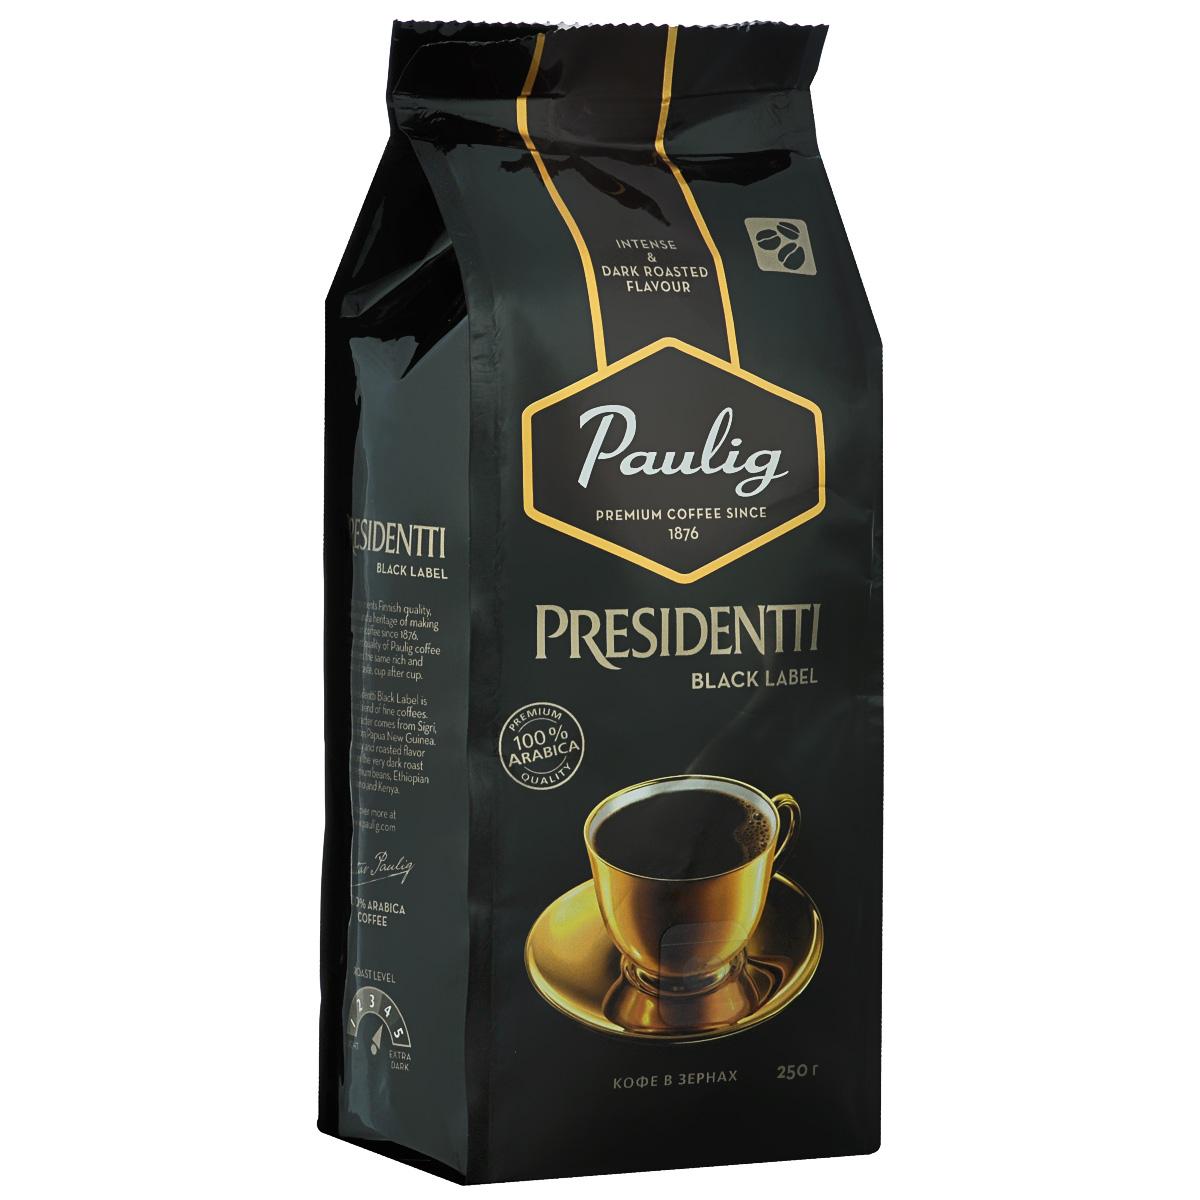 Paulig Presidentti Black Label кофе в зернах, 250 г16564Paulig Presidentti Black Label – это премиальный темный кофе высочайшего качества. Редкие кофейные зерна из Папуа – Новой Гвинеи, которые называются «Сигри», дарят напитку яркий, насыщенный вкус. Изысканная горчинка во вкусе и богатый аромат достигаются благодаря специально отобранным кофейным зернам из Африки и сильной обжарке.